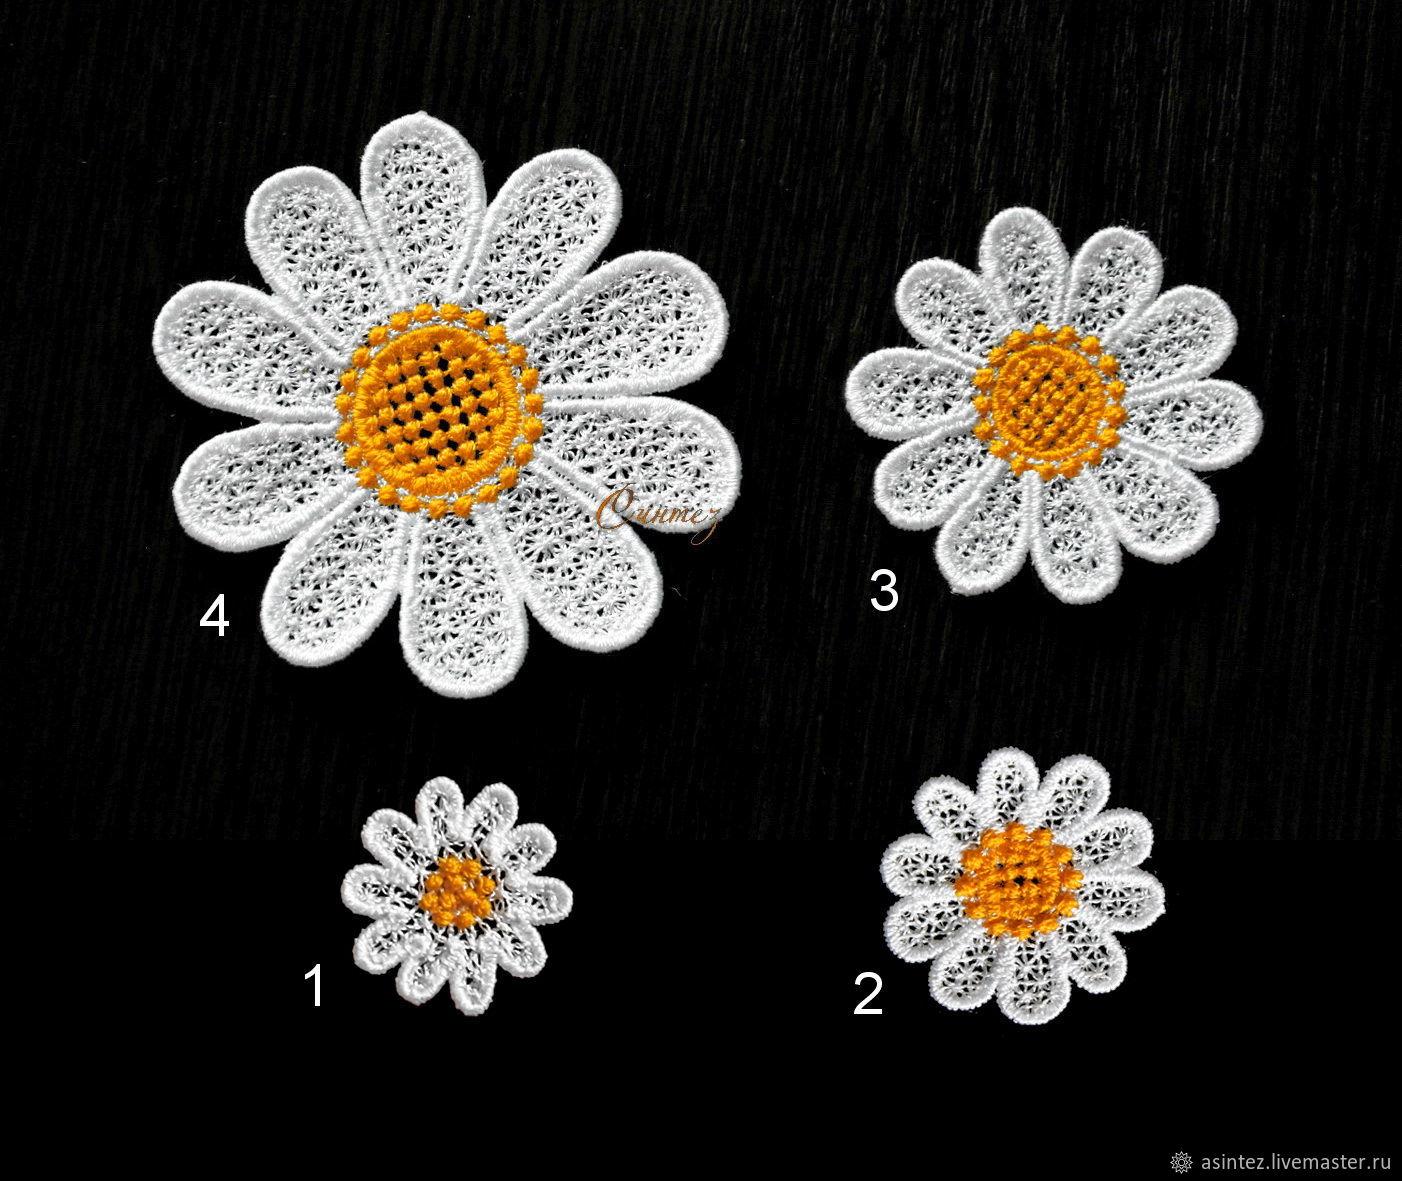 Аппликации Ромашки белые нашивки цветы вышитые, Аппликации, Москва,  Фото №1